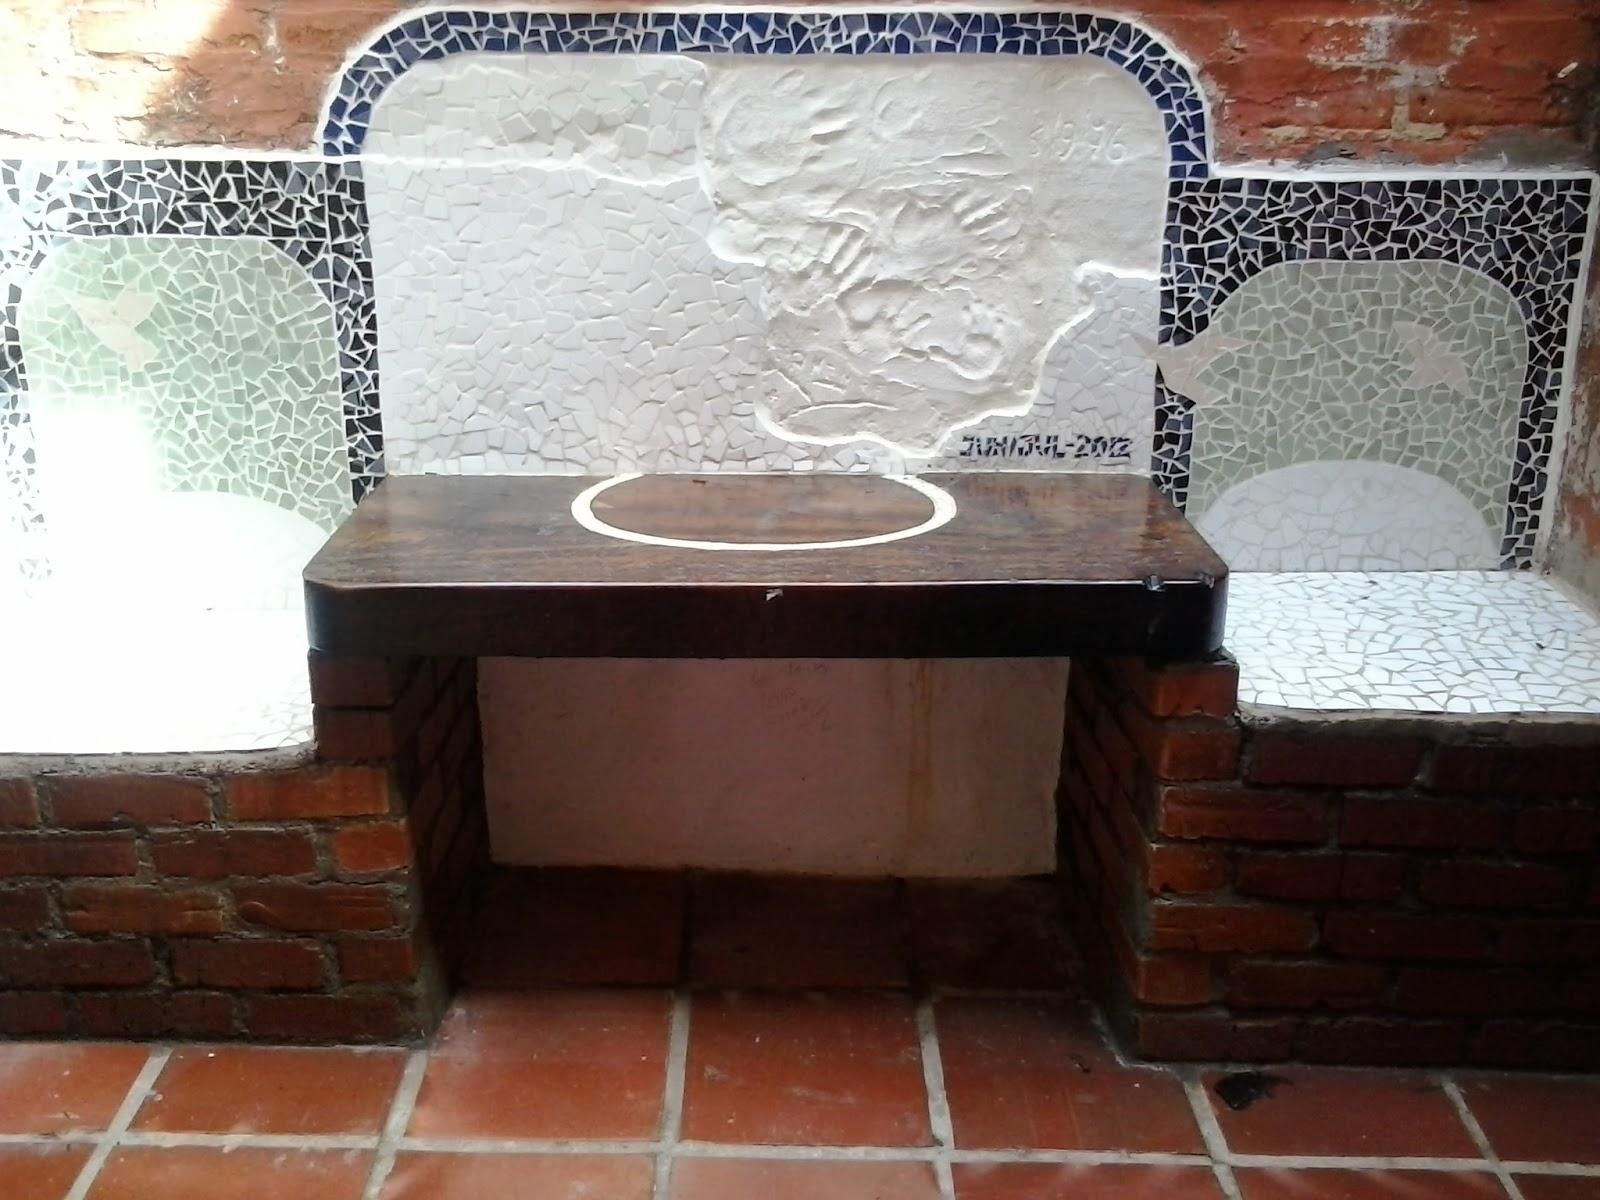 mesa de madeira e bancos em mosaico  bancos de tijolos  mosaico.jpg #6E3C2E 1600x1200